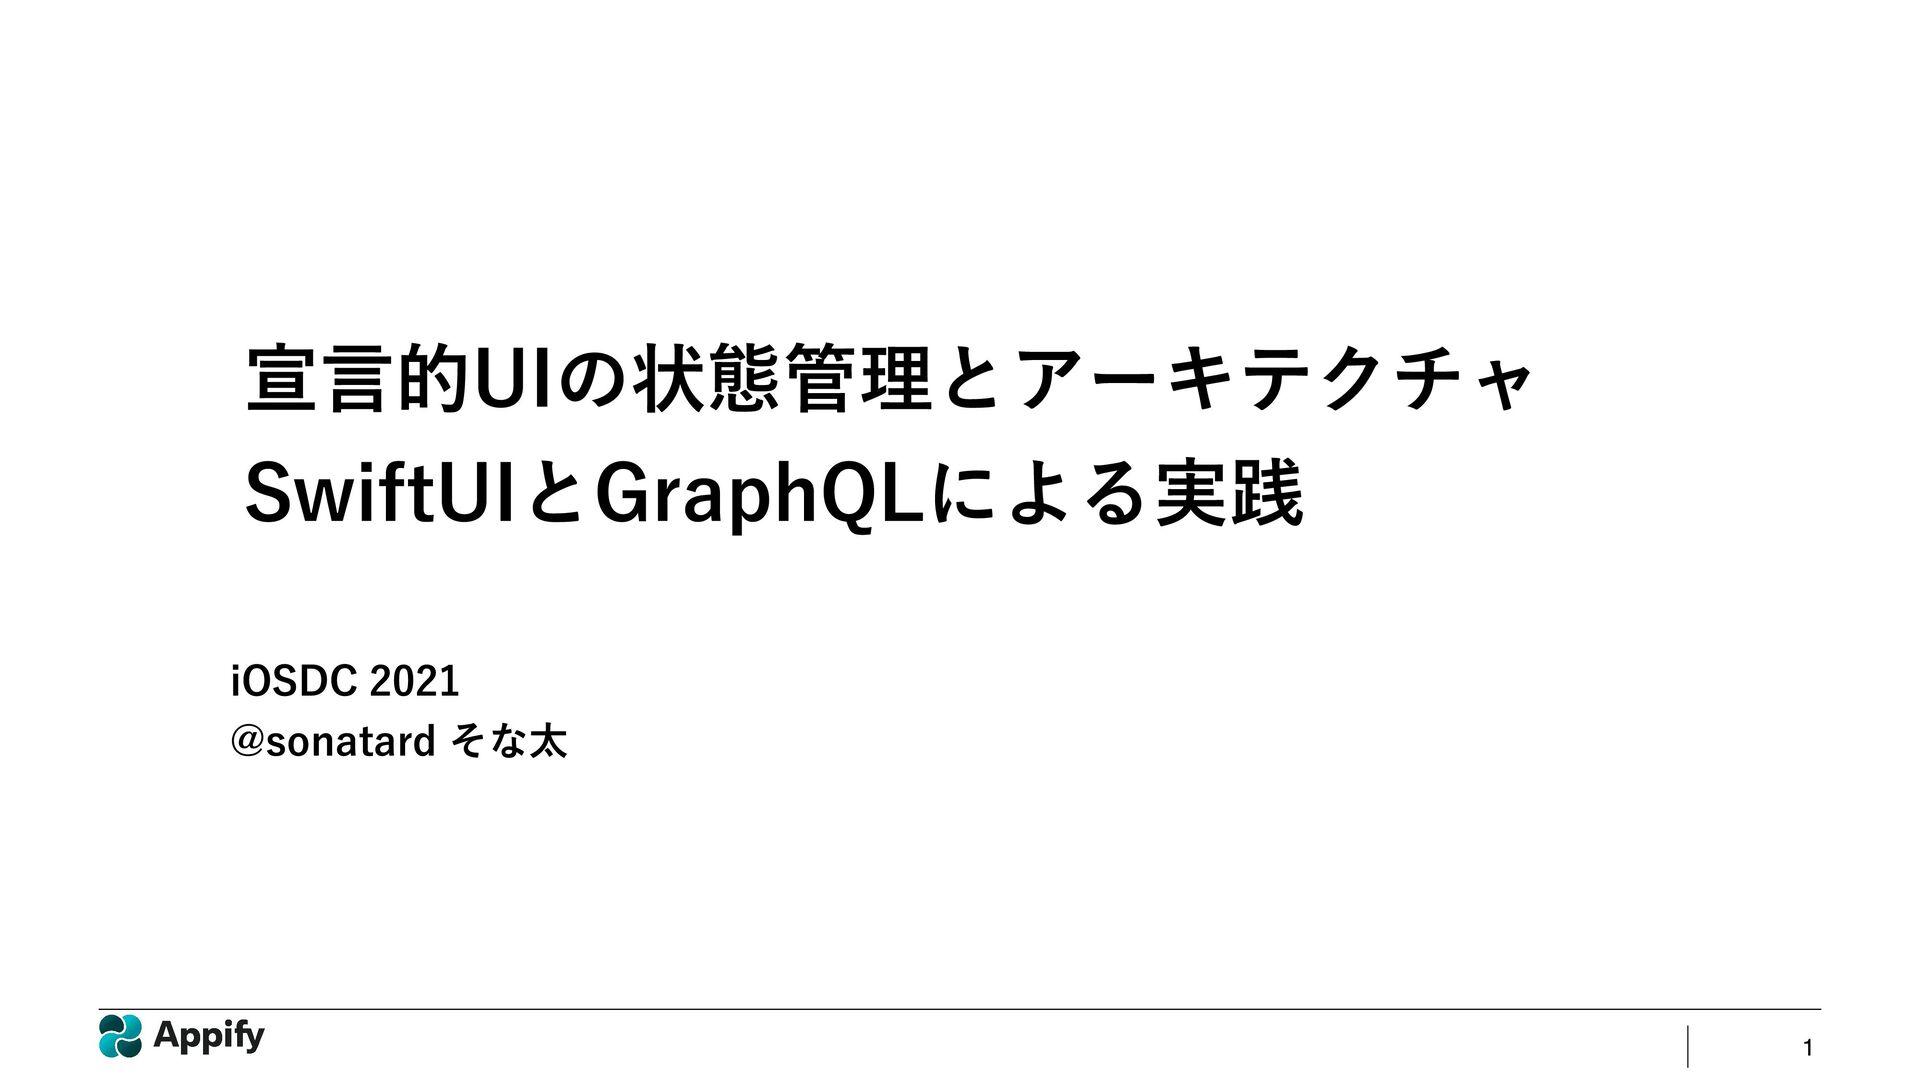 1 એݴత6*ͷঢ়ଶཧͱΞʔΩςΫνϟ 4XJGU6*ͱ(SBQI2-ʹΑΔ࣮ફ J04%$...